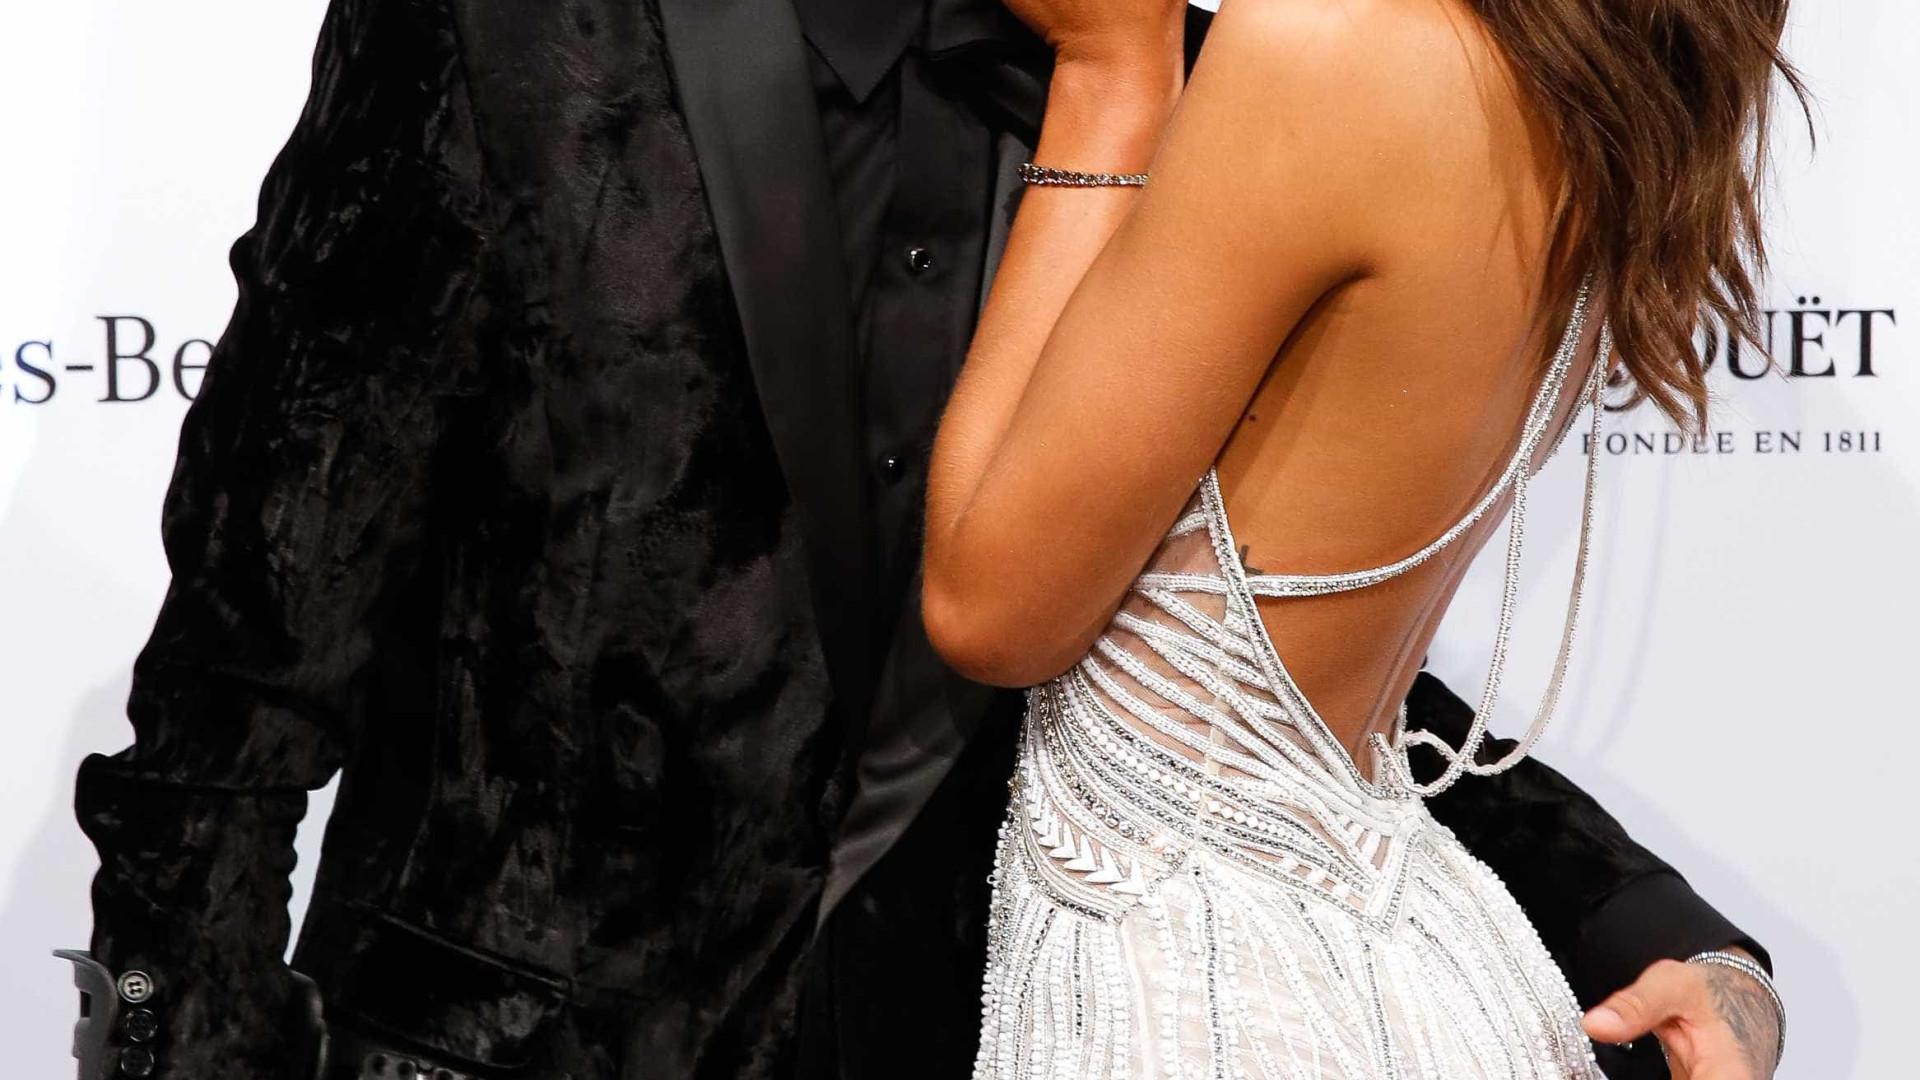 Brumar & Cia: confira os casais famosos mais procurados na web